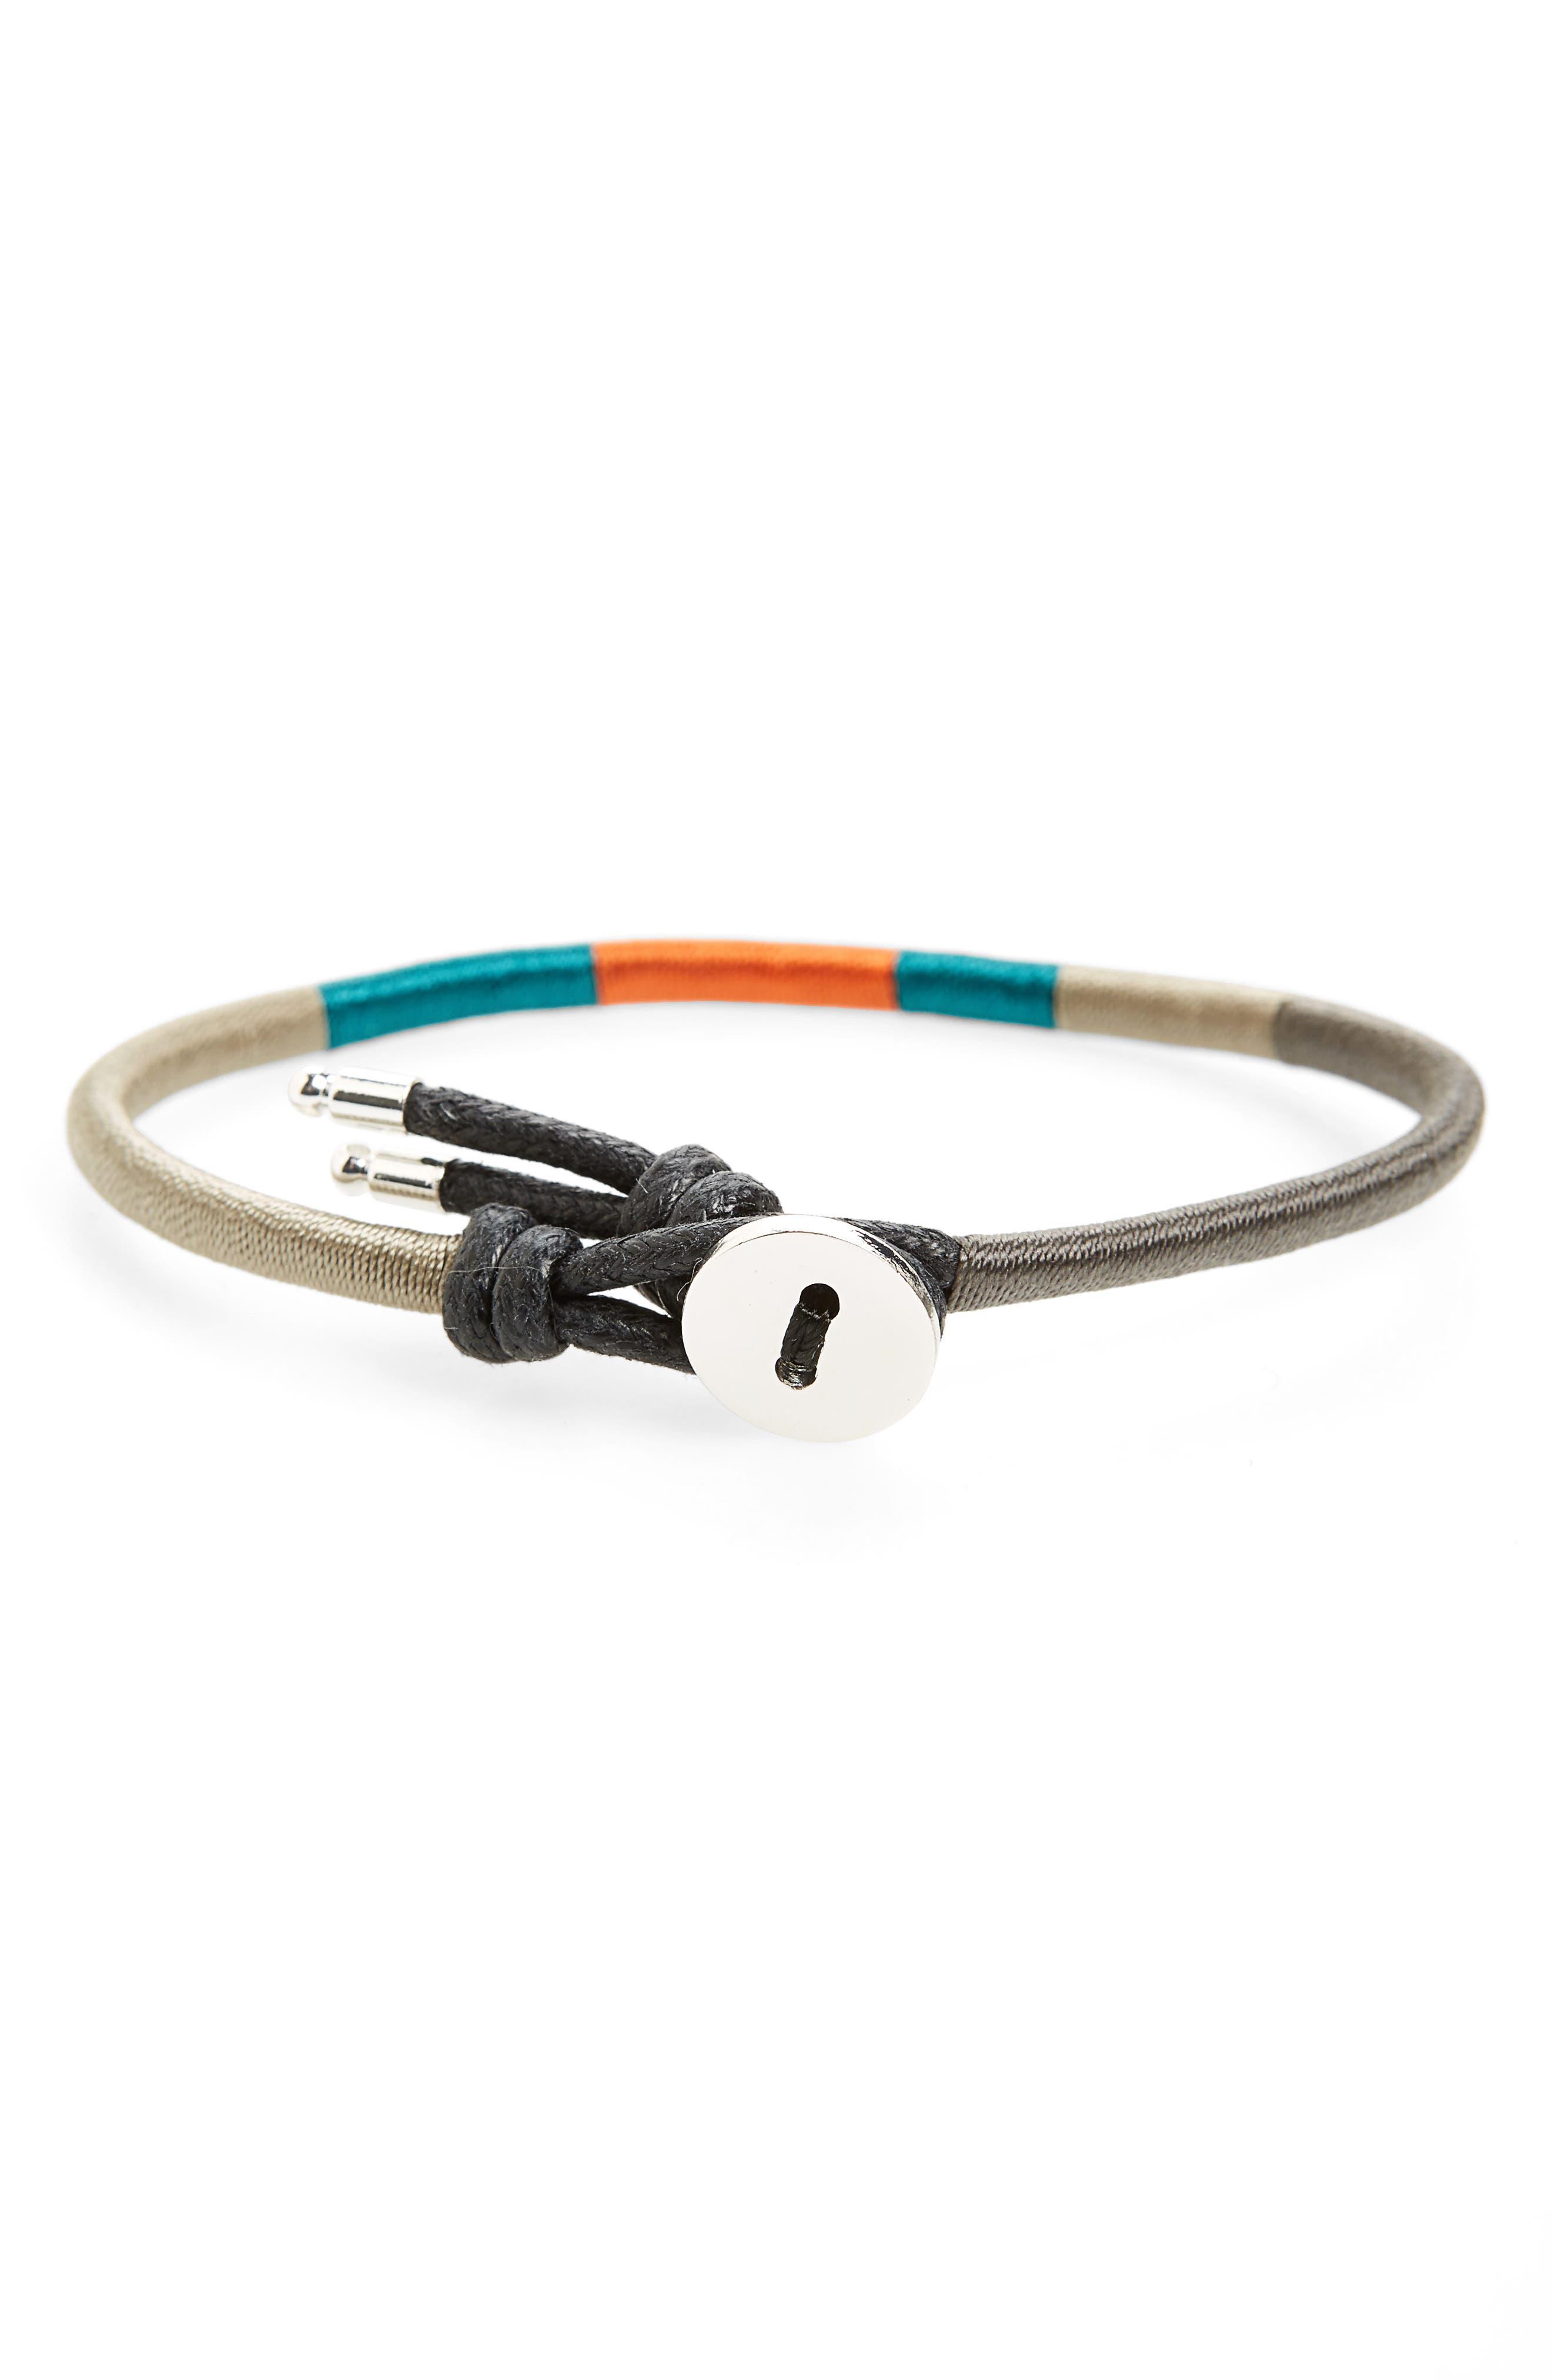 Main Image - Finn & Taylor Woven Bracelet